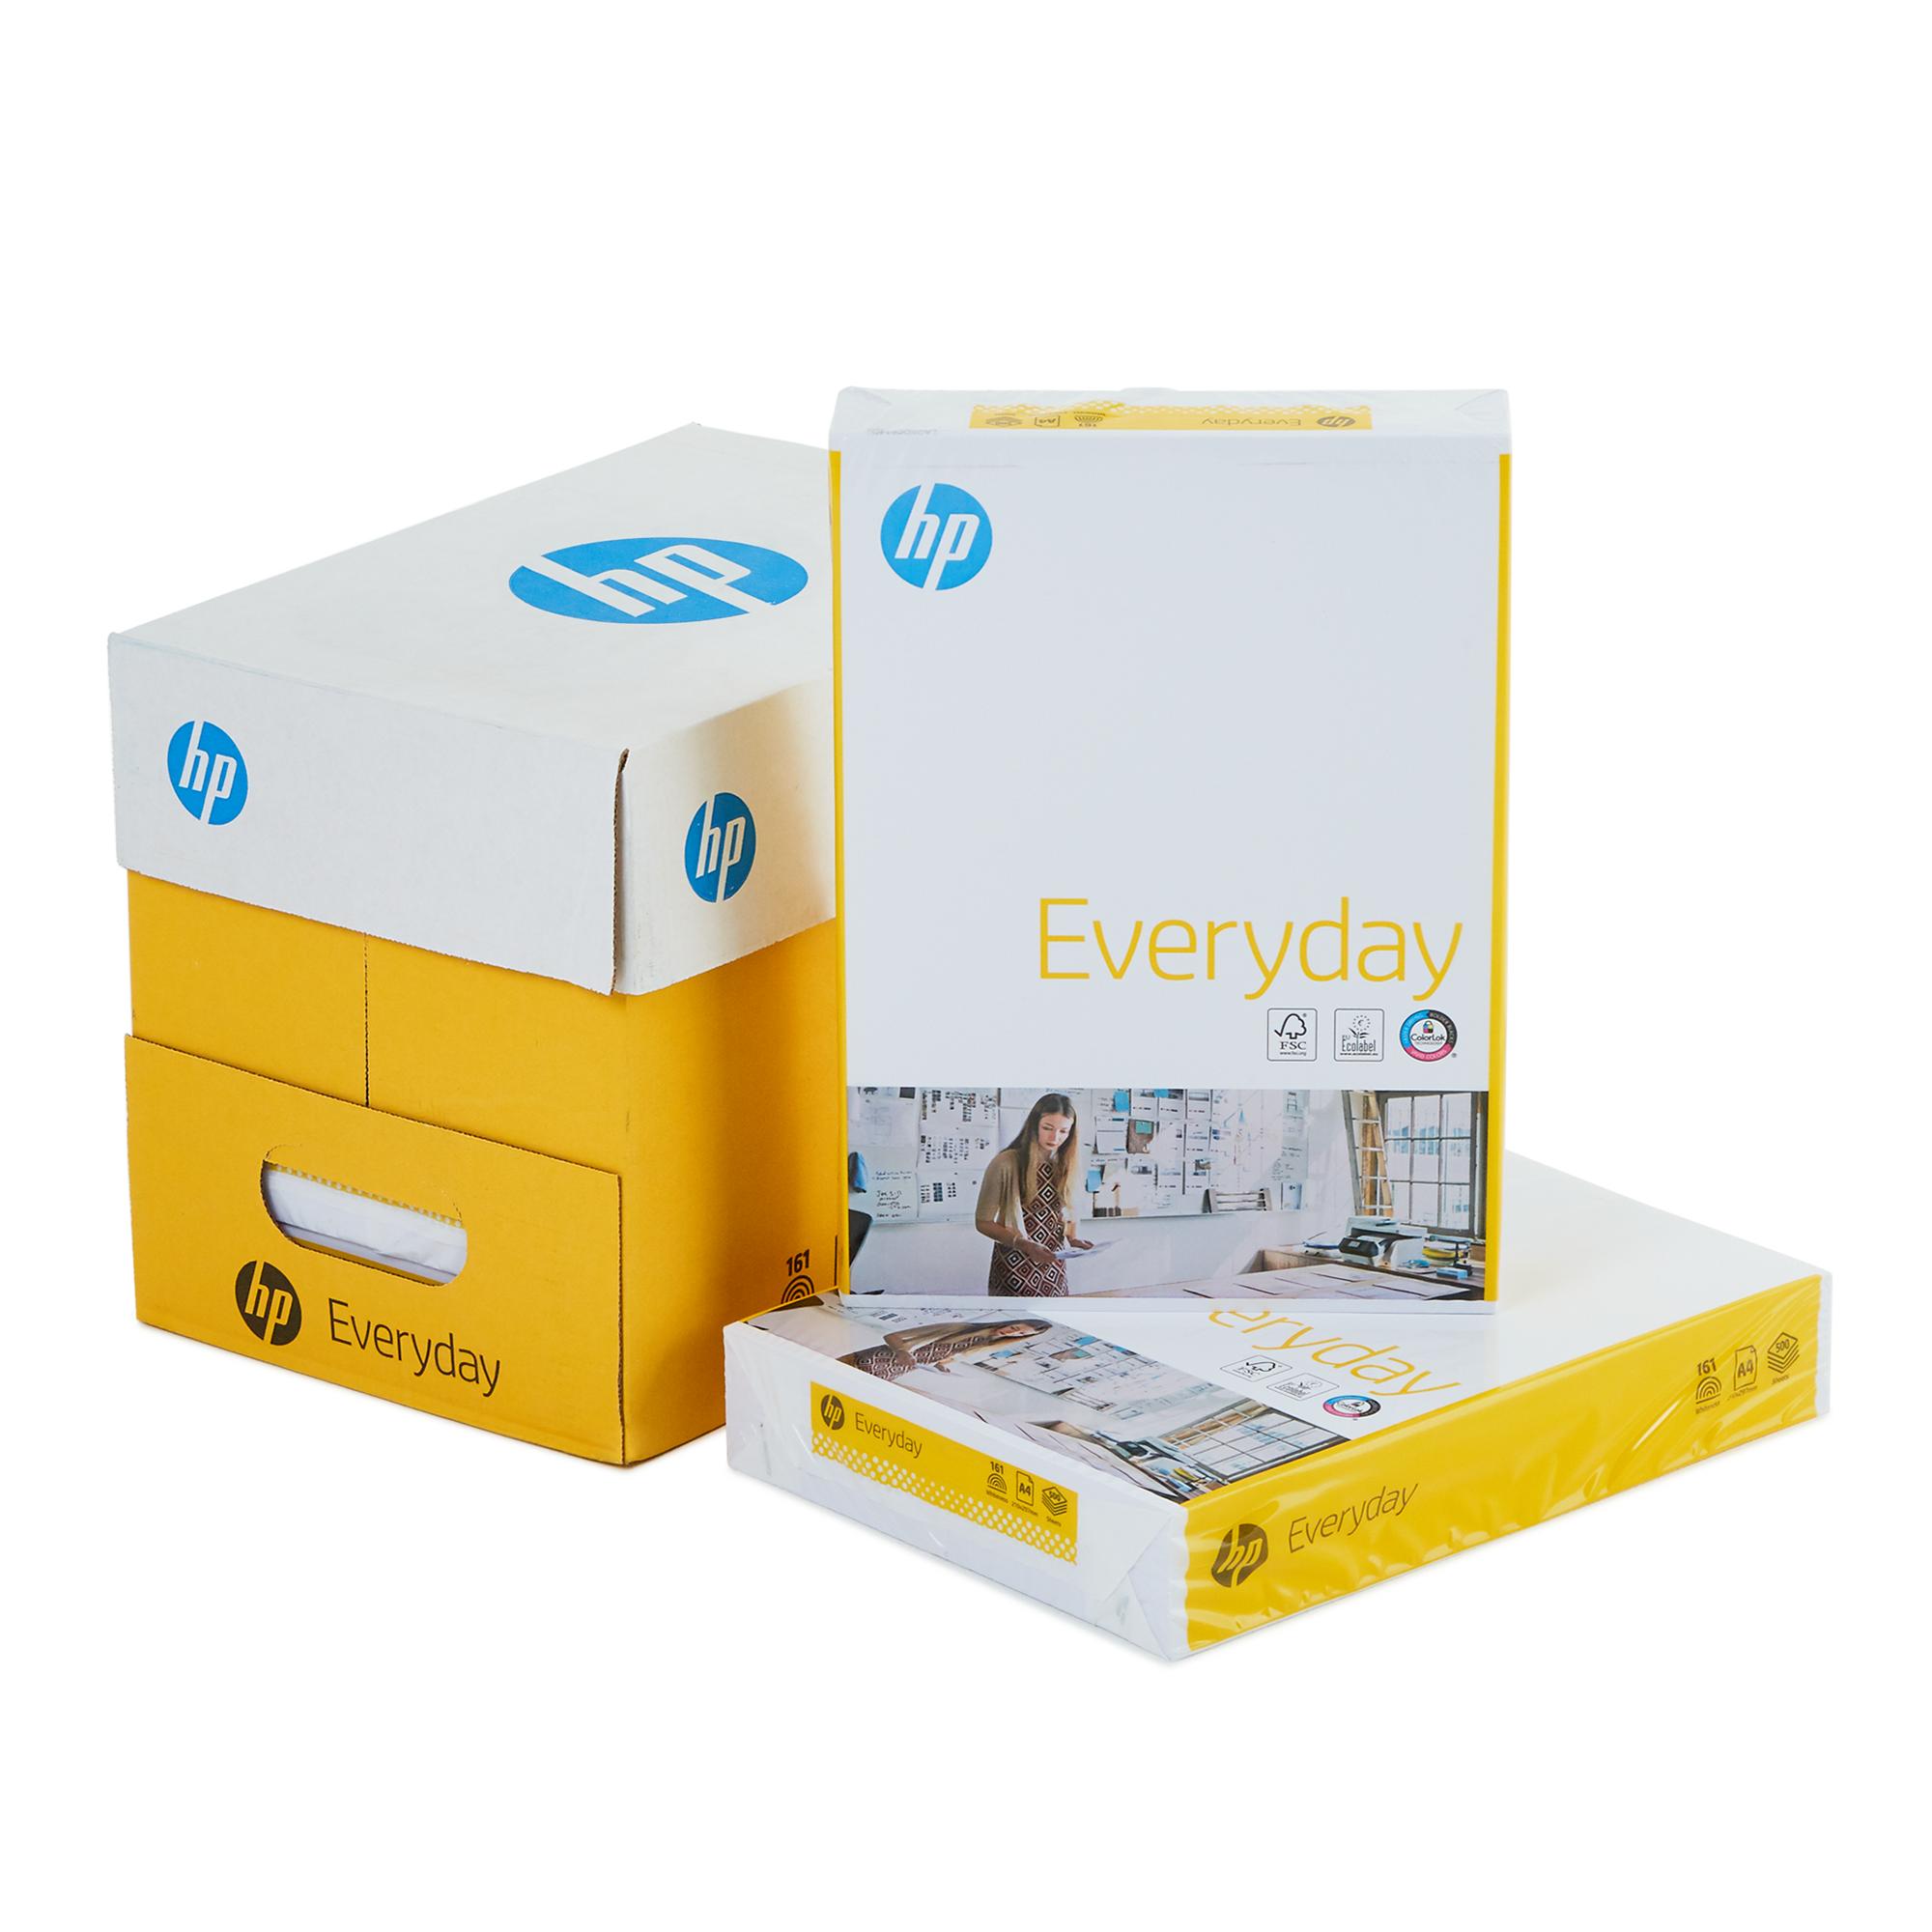 HP Everyday A4 Paper, 1 Carton, 500 sheets/Ream, 80 GSM 5-Reams/1 Carton_2